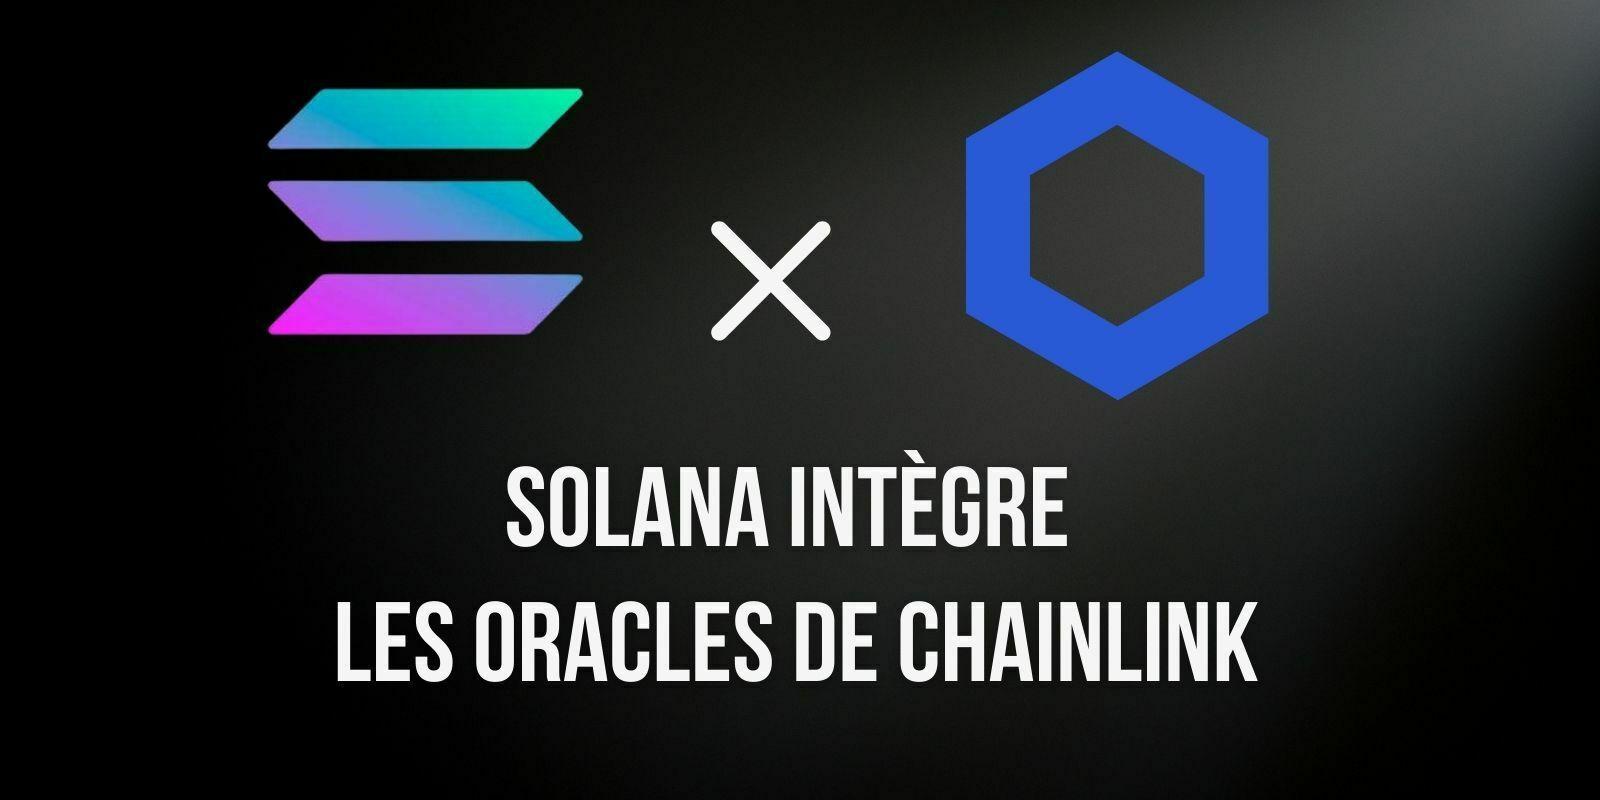 L'écosystème Solana (SOL) intègre les oracles de prix de Chainlink